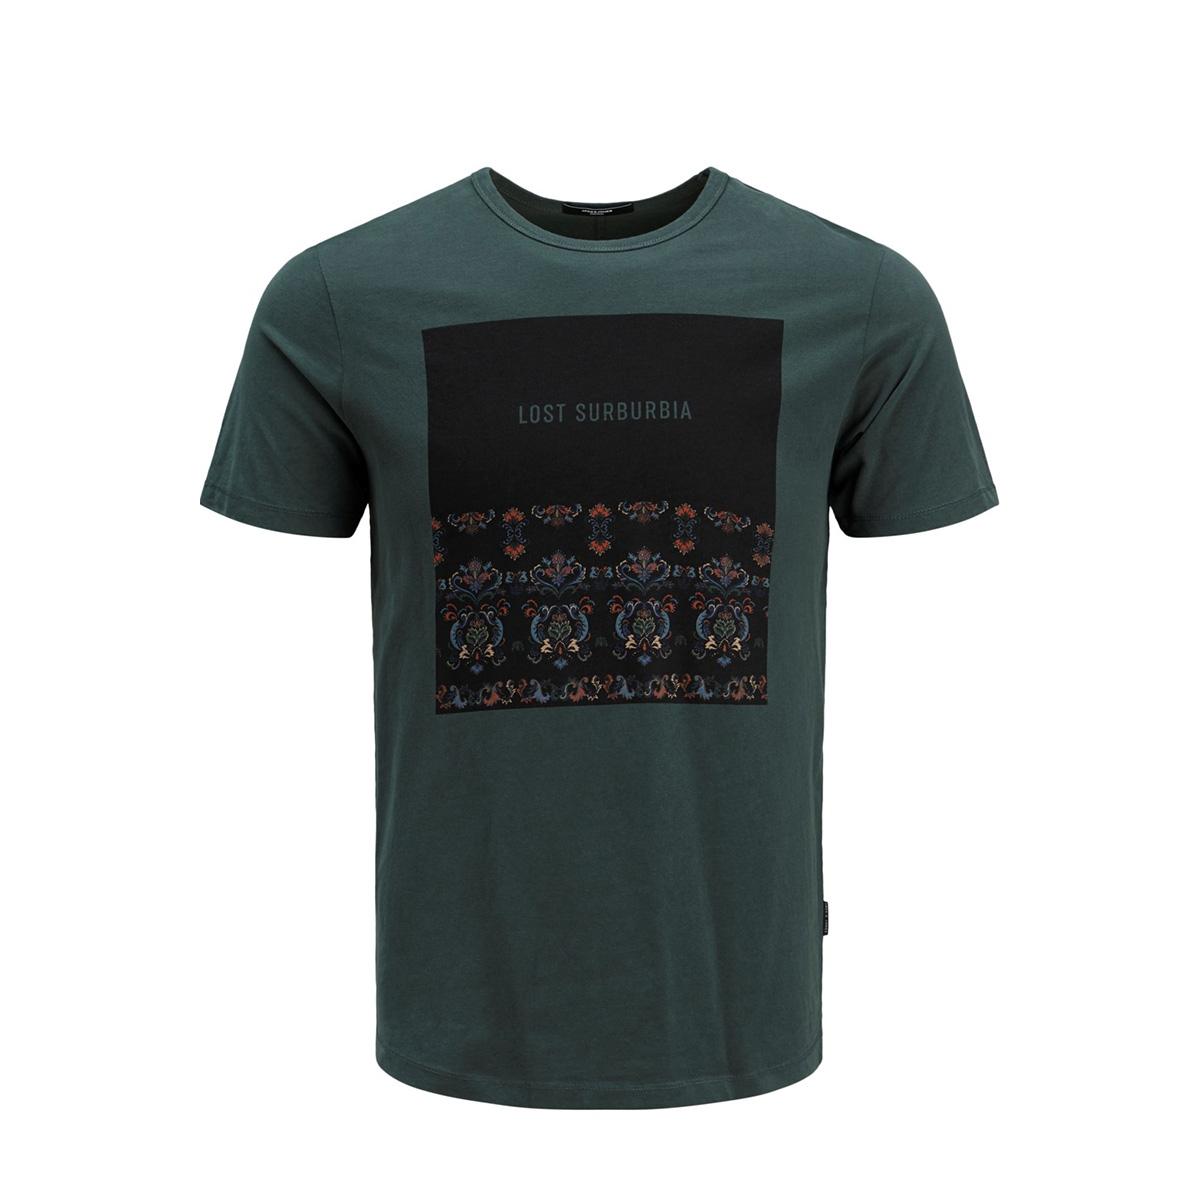 jprgray bla. tee ss crew neck 12159443 jack & jones t-shirt darkest spruce/slim fit